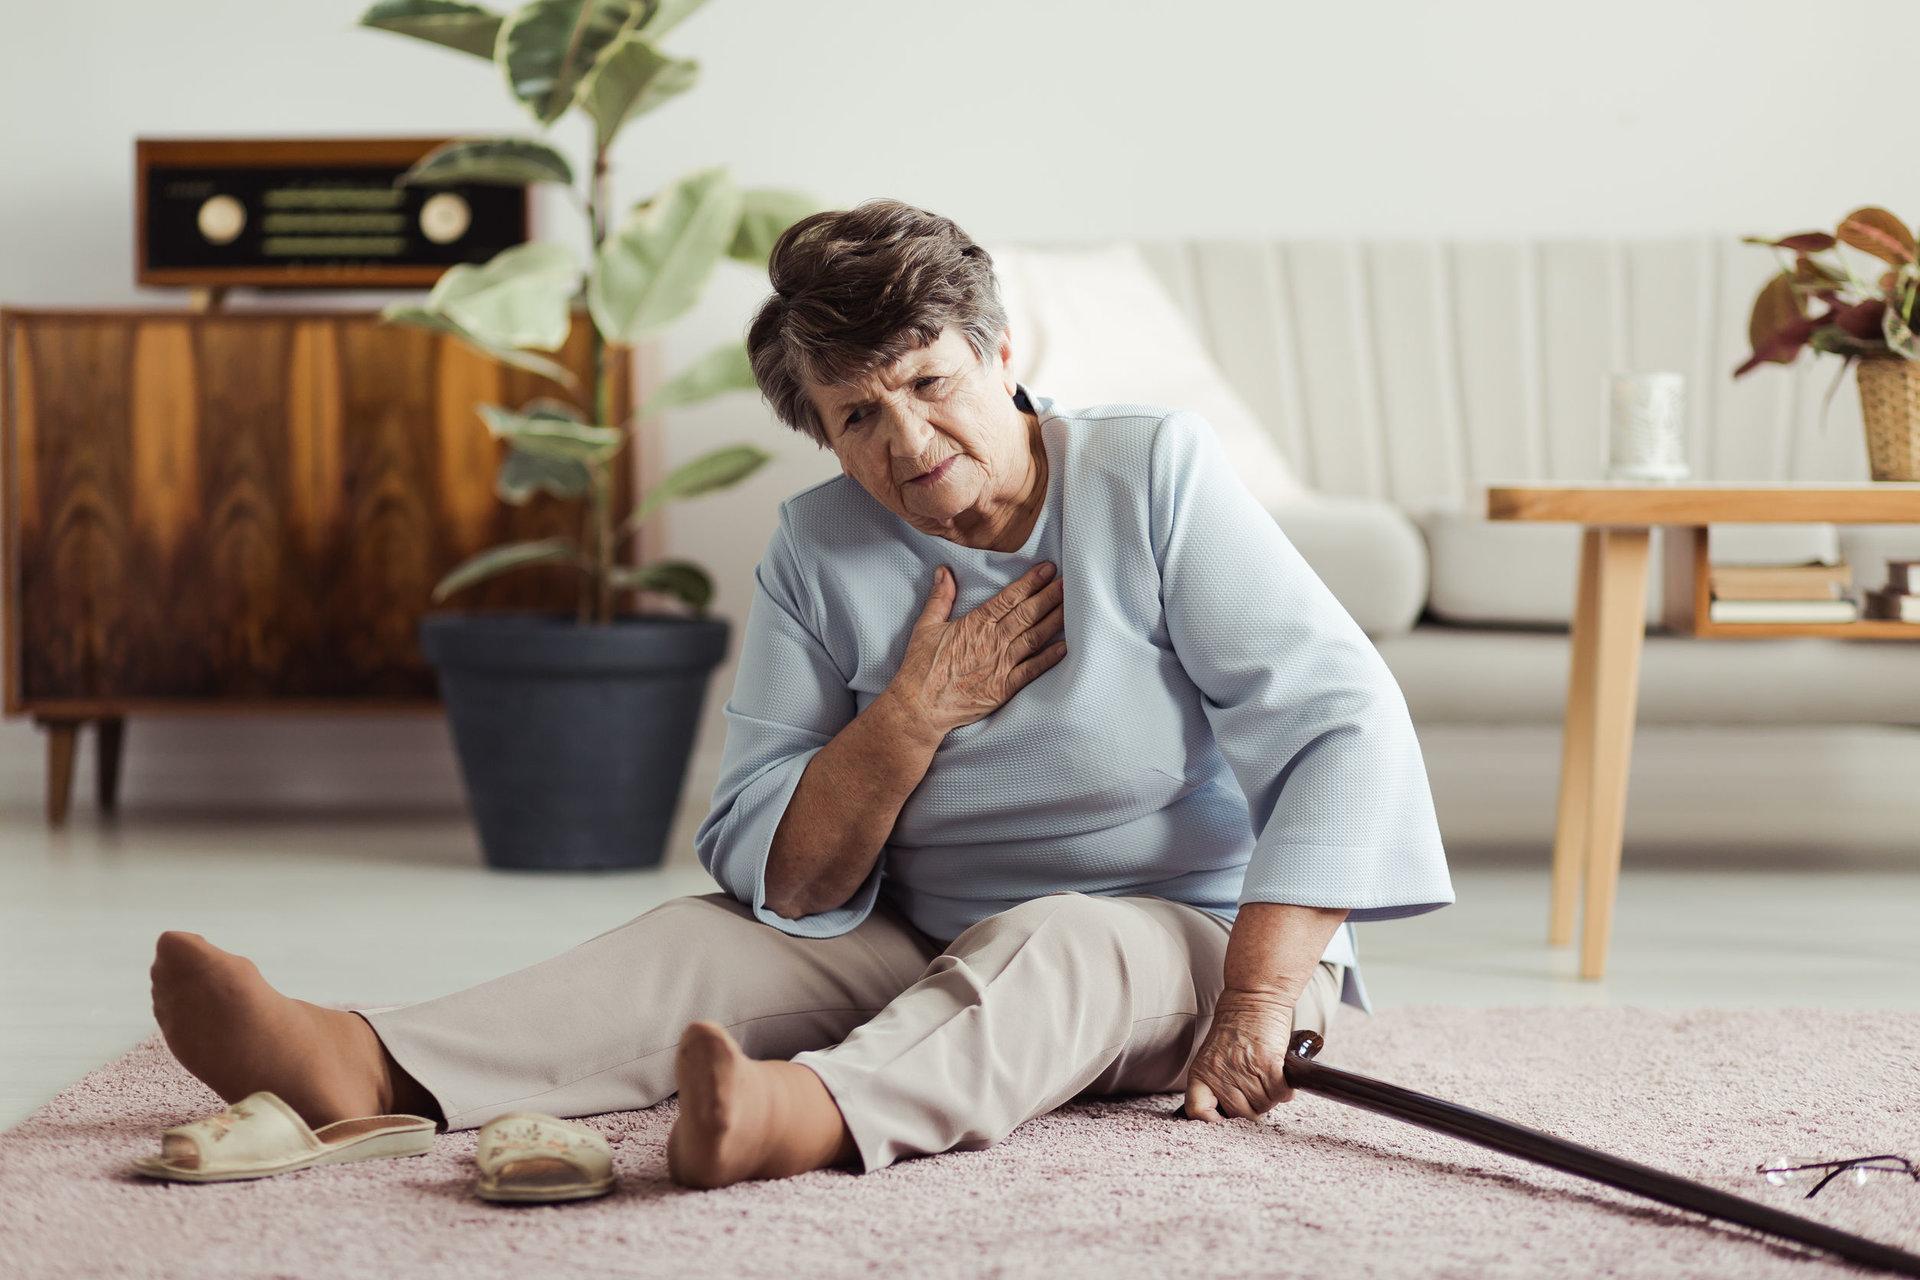 jūsų širdies sveikata - 14 skaičių, kuriuos turėtų žinoti visi)